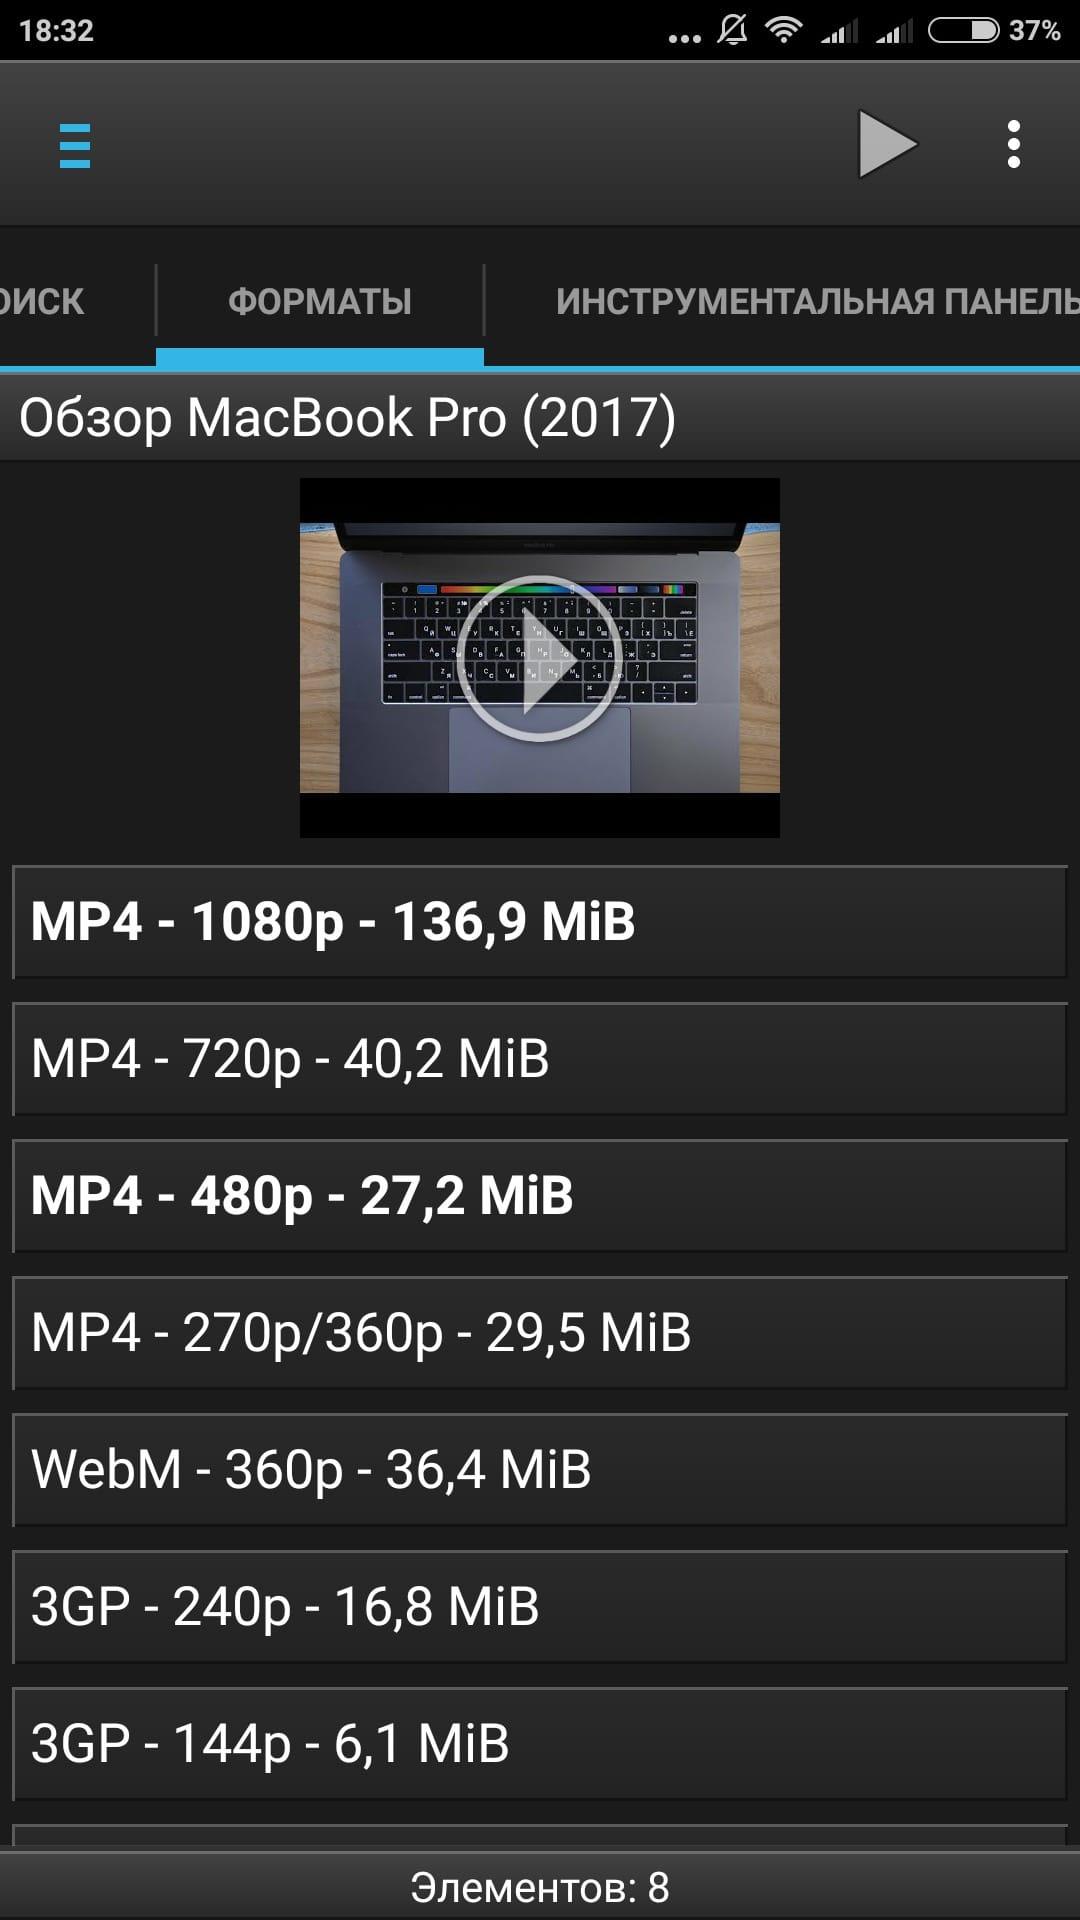 Ро видео в формате mp4 скачать бесплатно